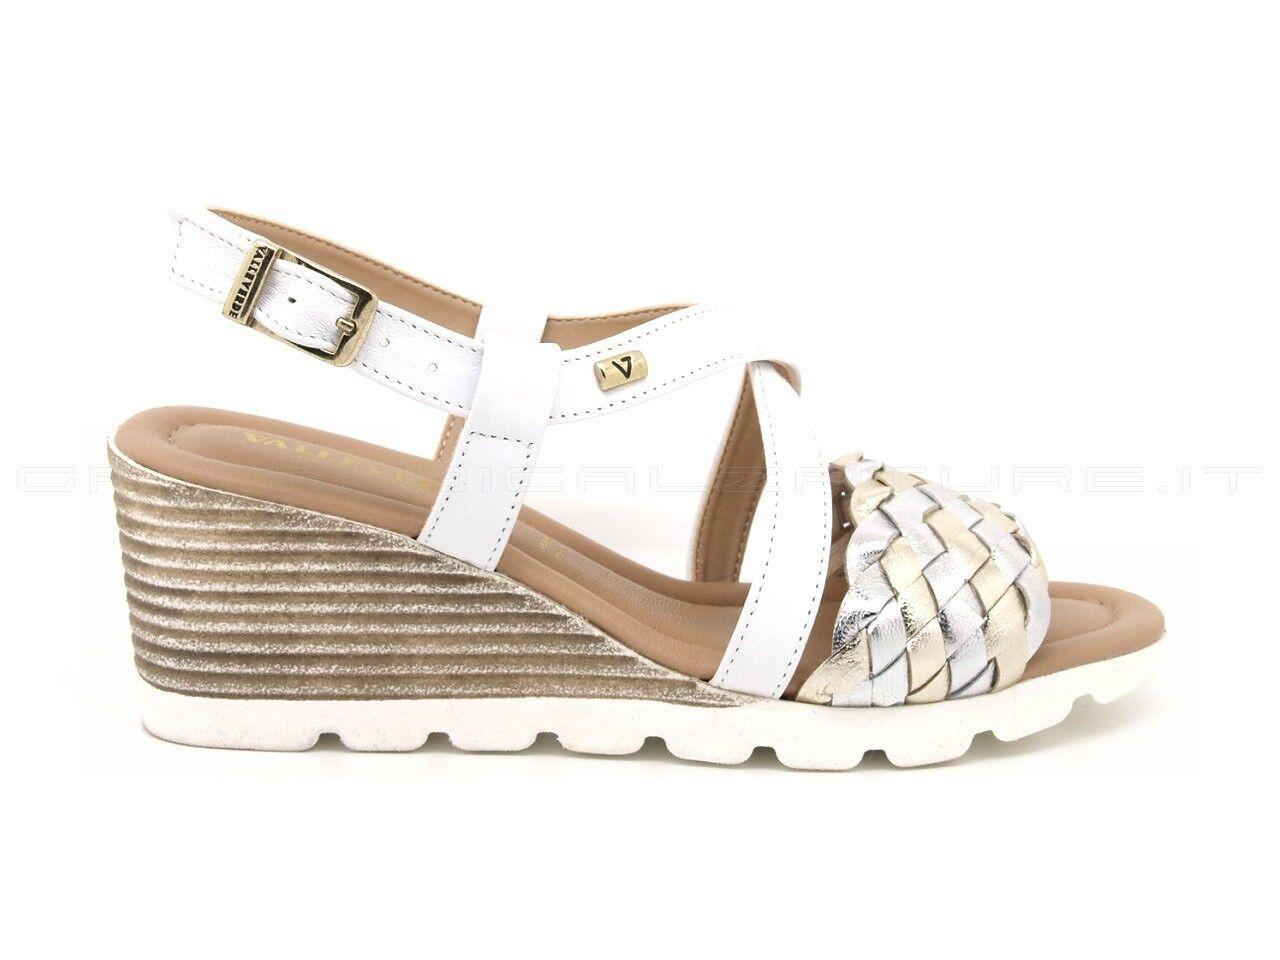 Valleverde sandali con fascia anteriore intrecciata argento/platino, zeppa 6 cm.